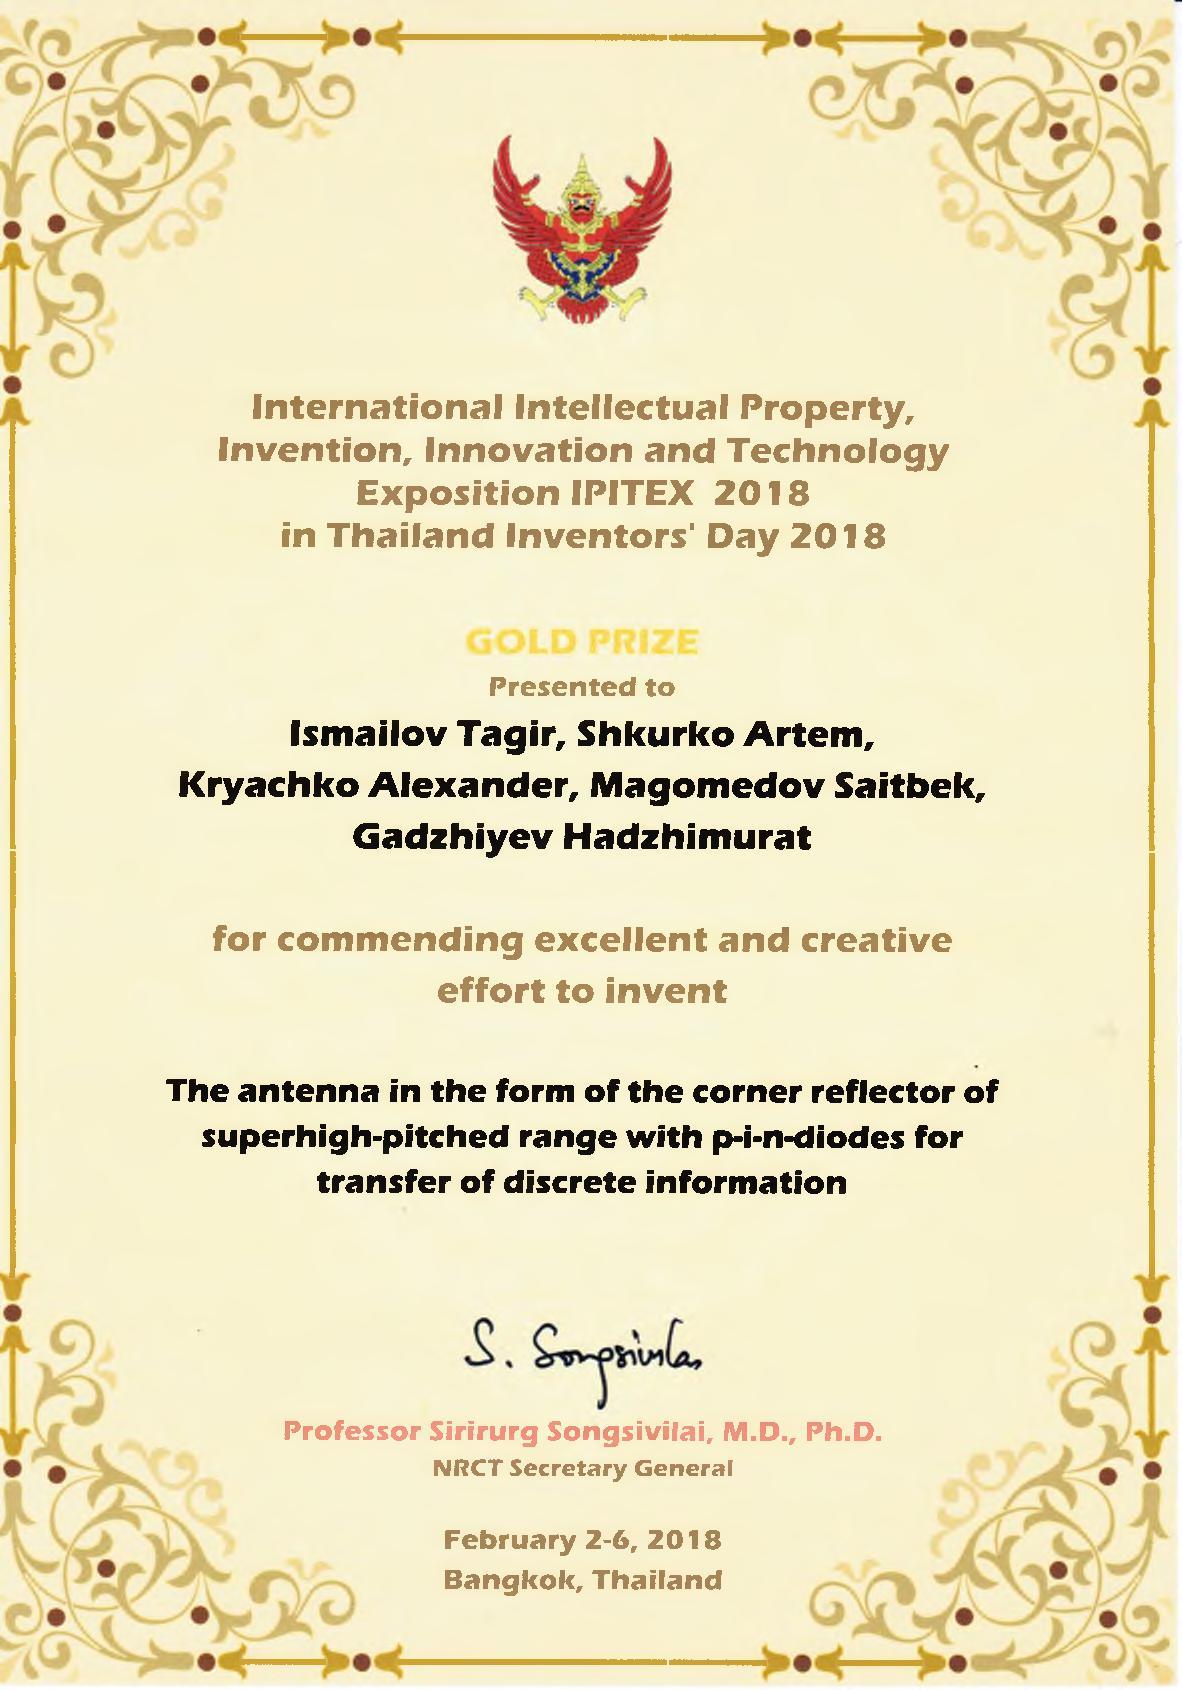 Разработка ДГТУ получила золотую медаль на международной выставке IPITEX-2018